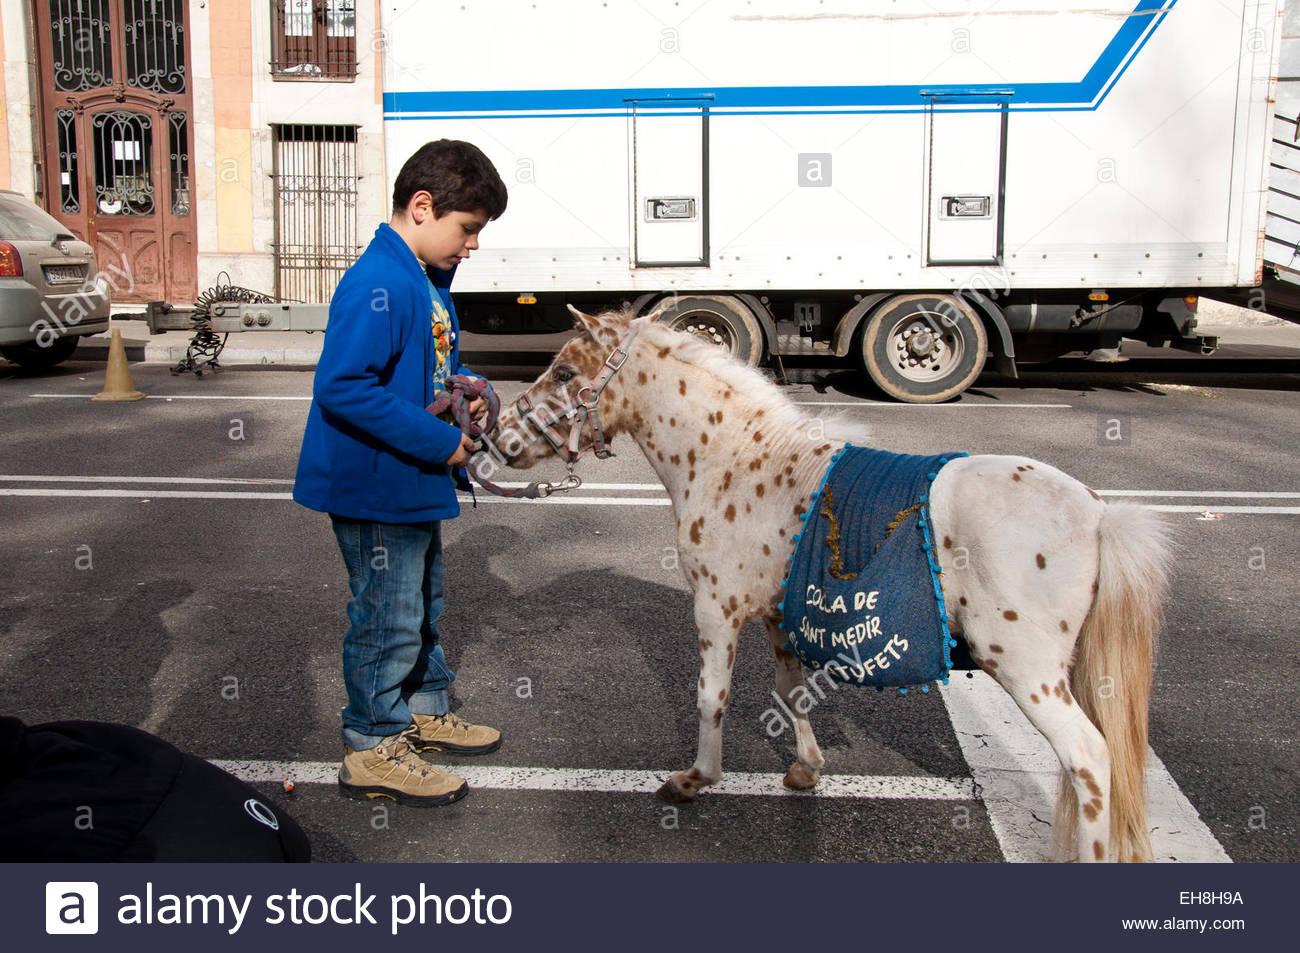 Little boy whit a pony, Fiesta de Sant Medir 2015 Gracia Barcelona Spain - Stock Image